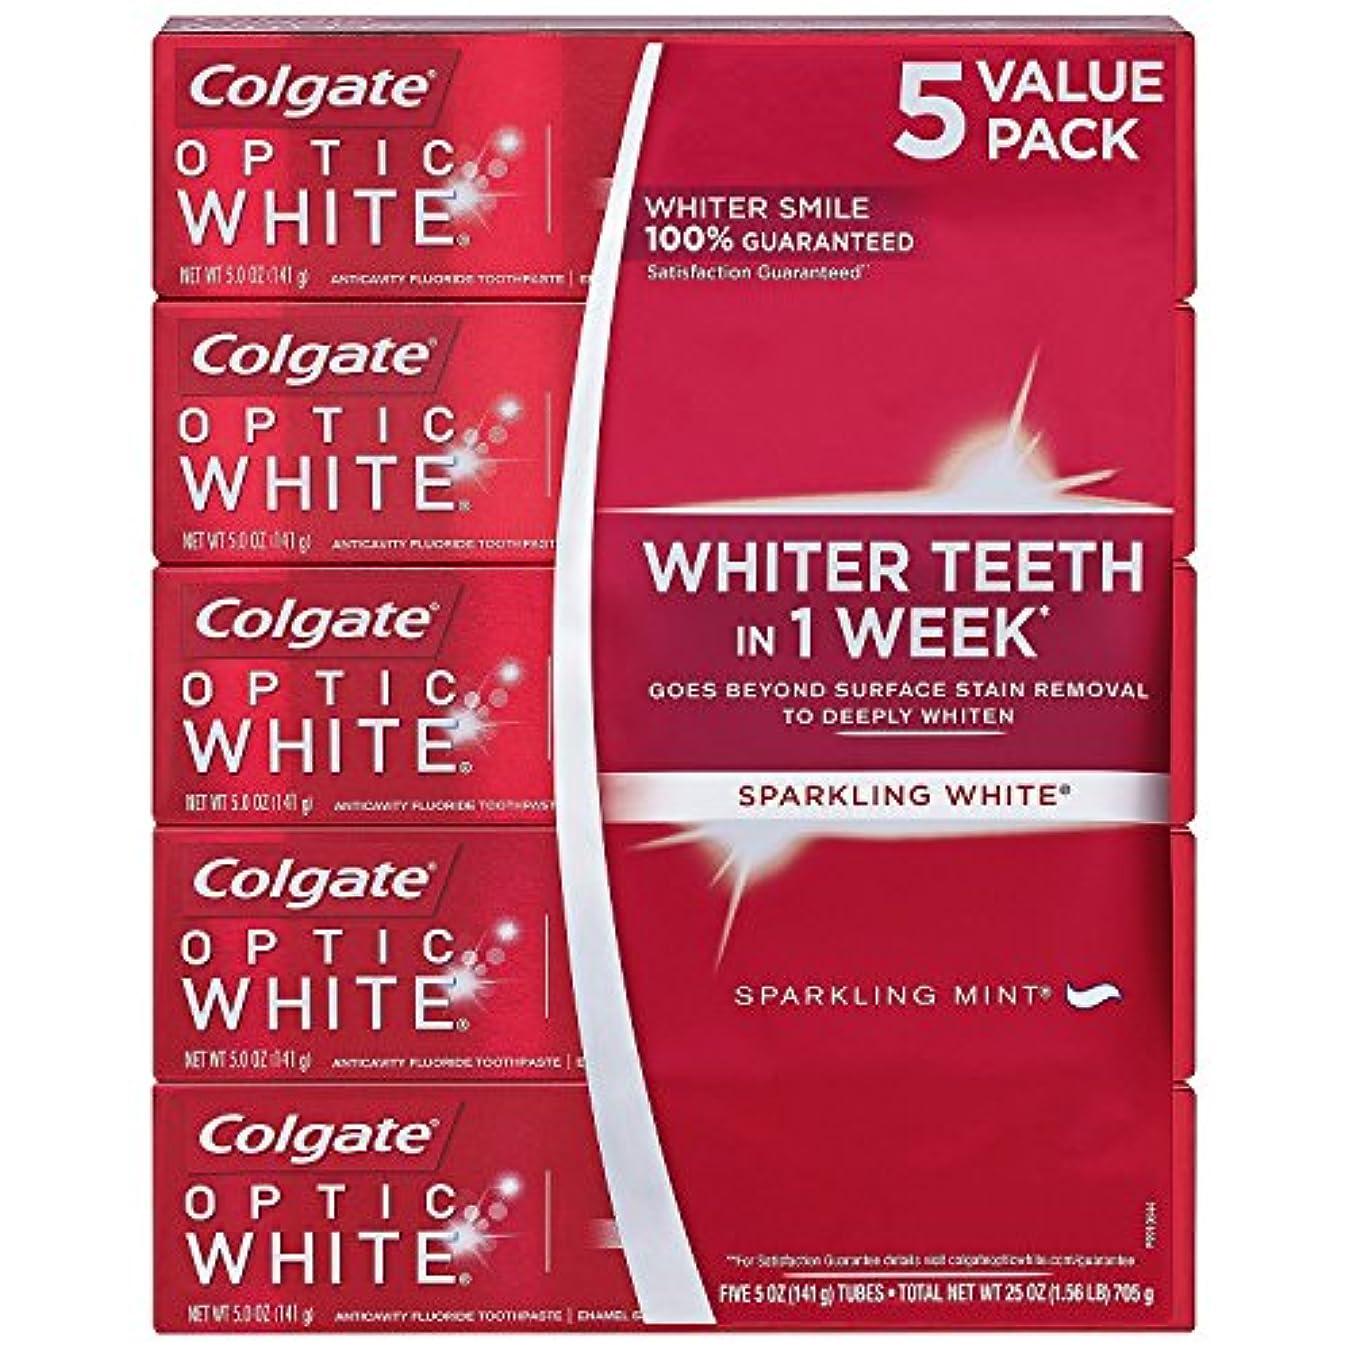 非互換公使館苦行海外直送品 Colgate Optic White コルゲート オプティック ホワイト スパークリングミント141g ×5本 [Pack of 5]